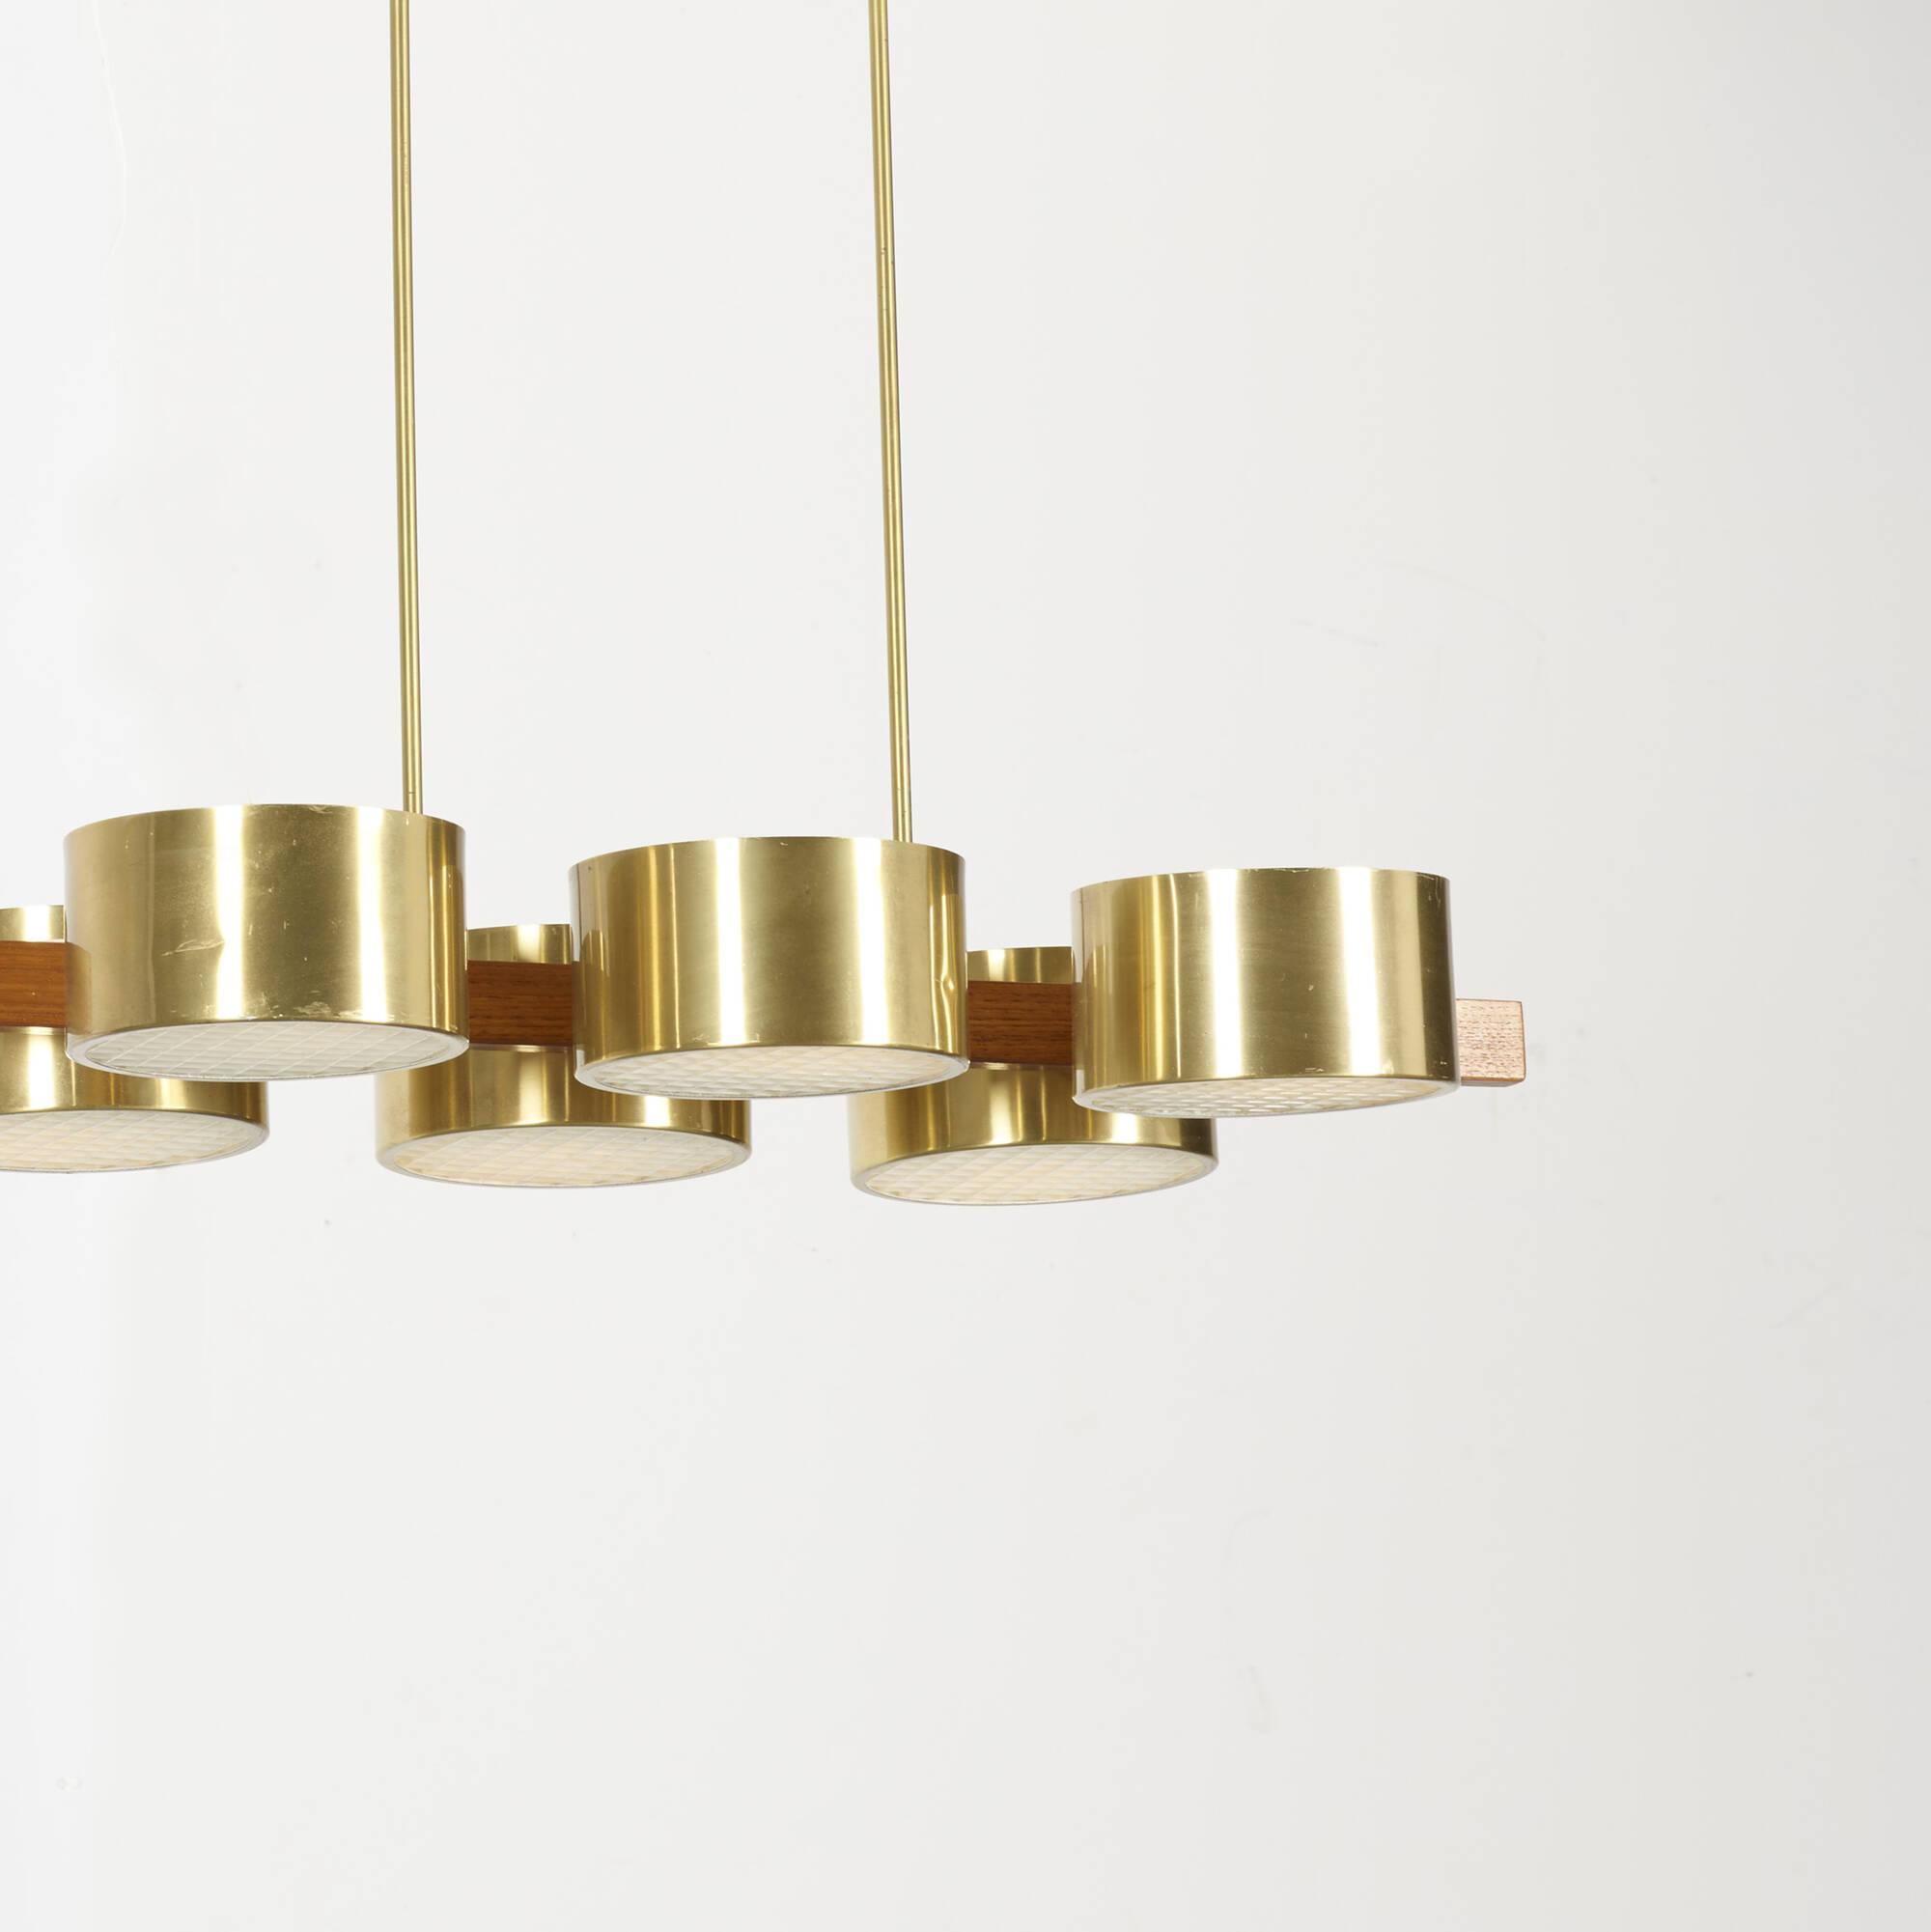 181: Hans-Agne Jakobsson / ceiling lamp (2 of 2)